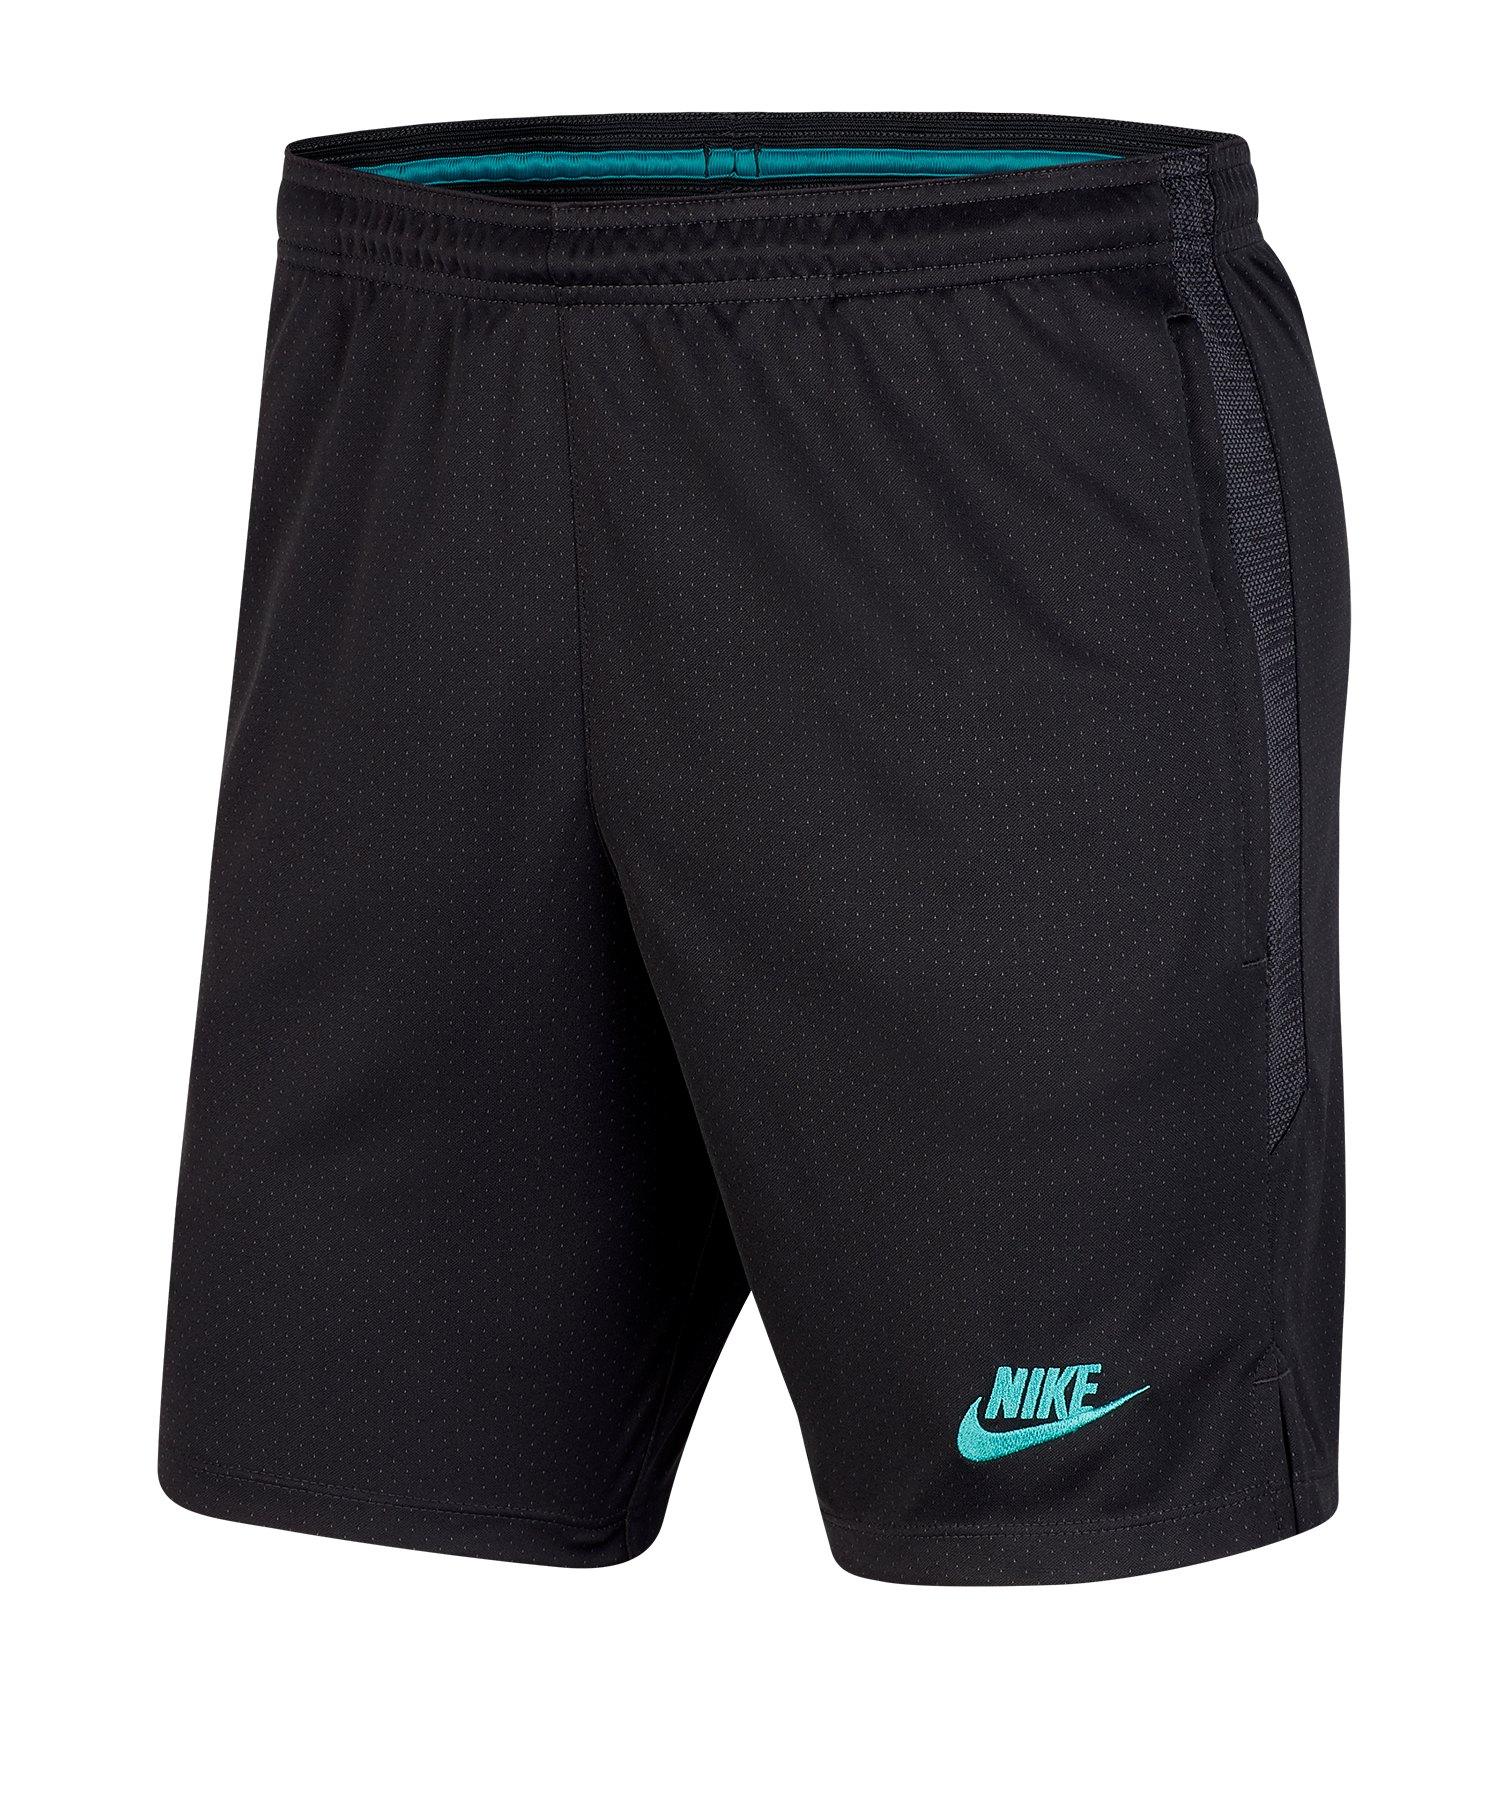 Nike FC Barcelona Dry Strike Short Grau F070 - grau